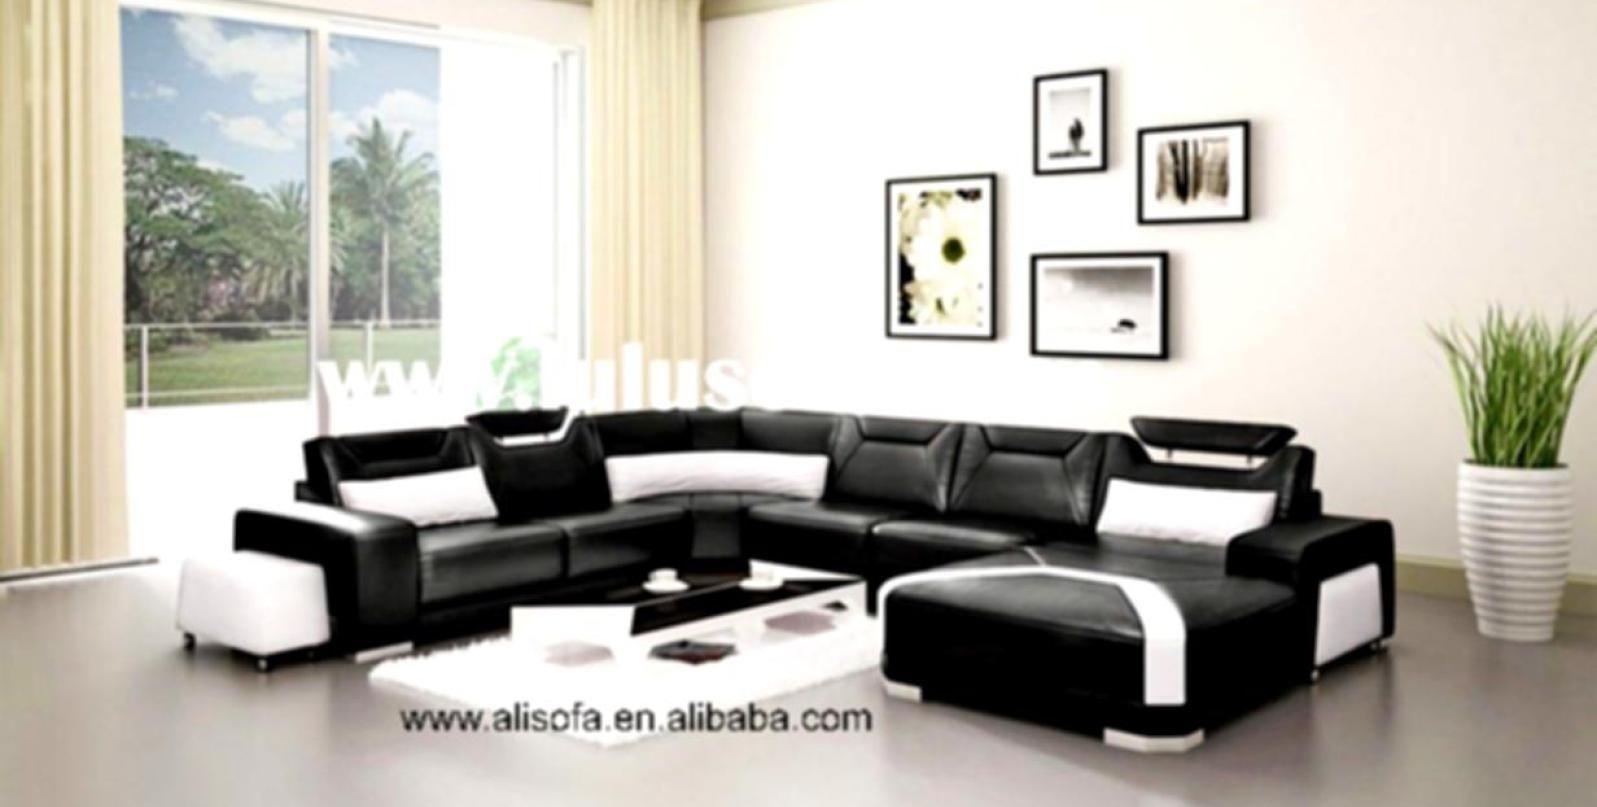 Lovely Living Room Set Under 500 Part - 12: Living Room Sets Under 500 Dollars